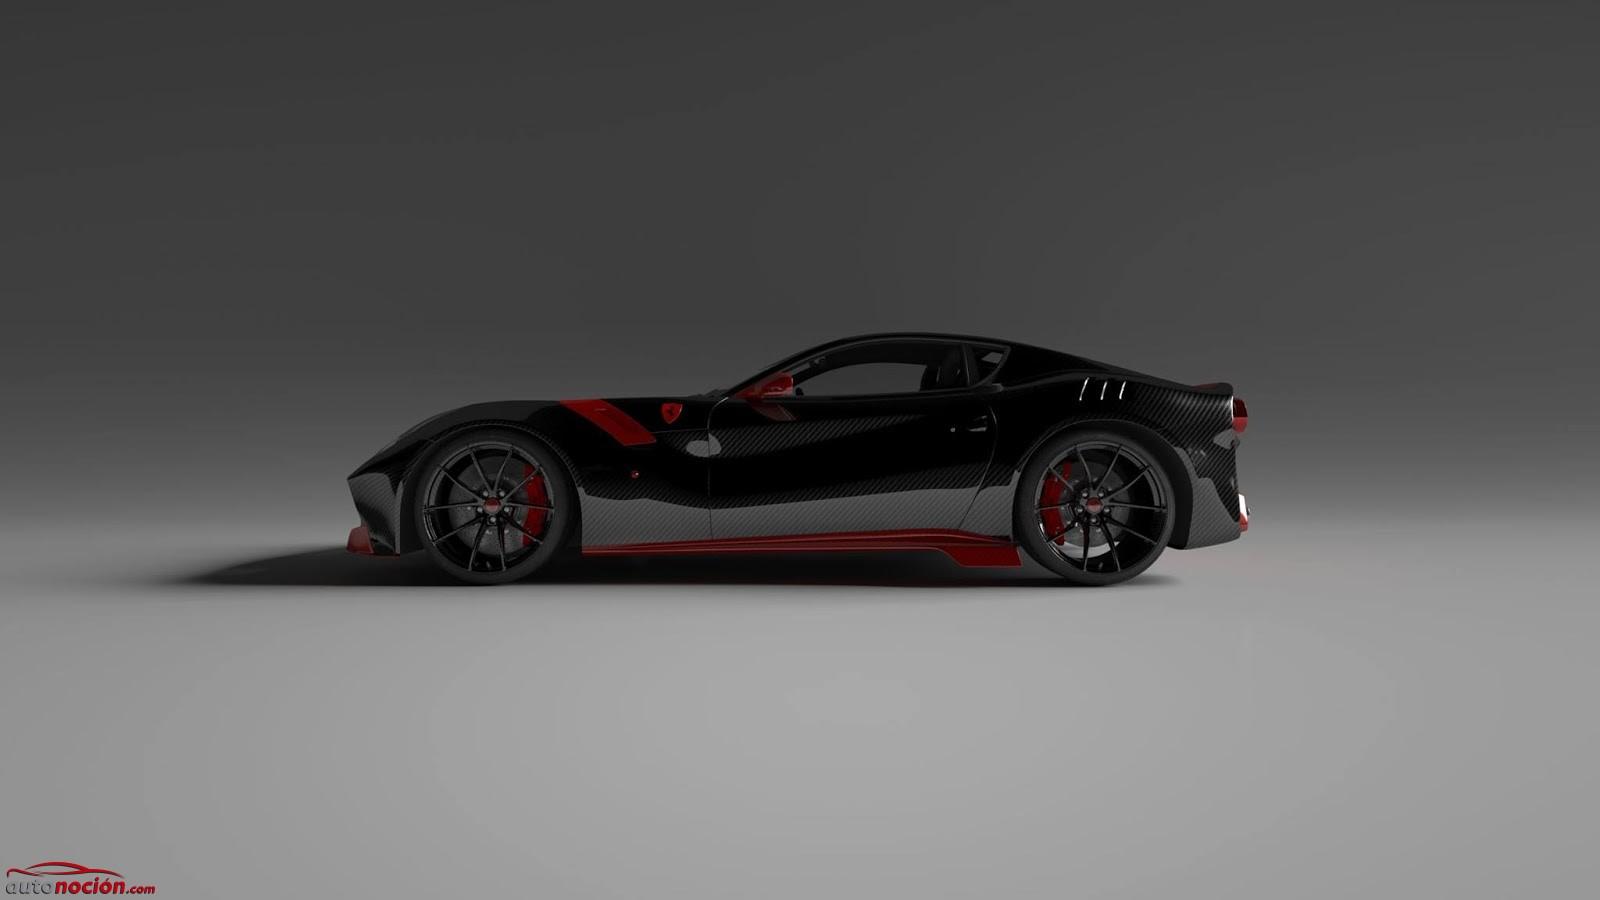 Ferrari F12 tdf fibra de carbono (1)